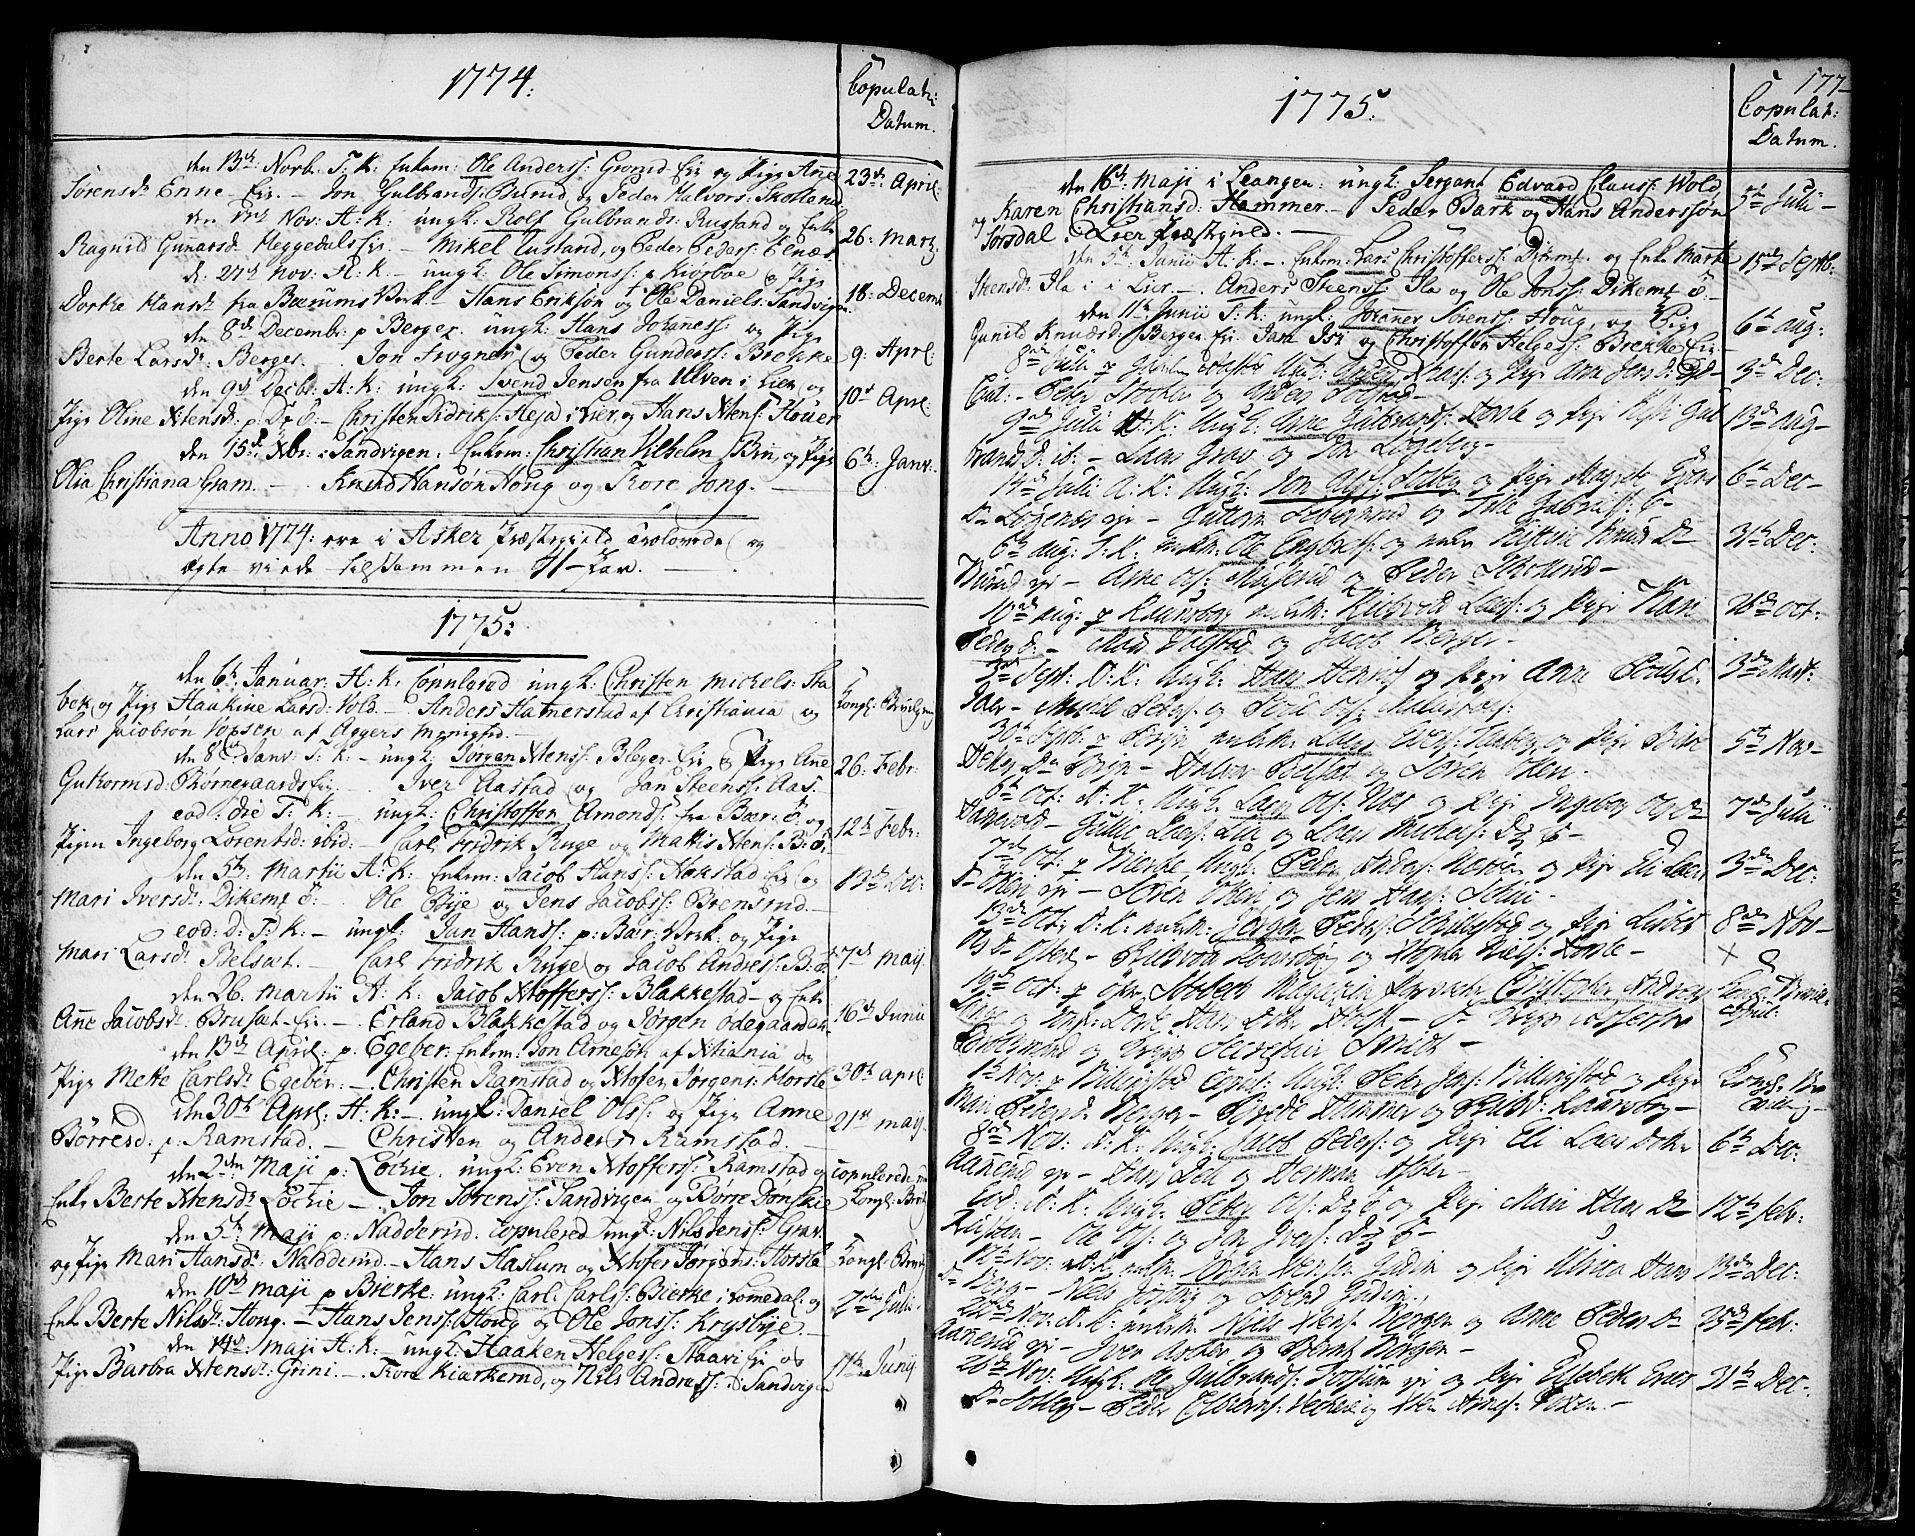 SAO, Asker prestekontor Kirkebøker, F/Fa/L0003: Ministerialbok nr. I 3, 1767-1807, s. 177